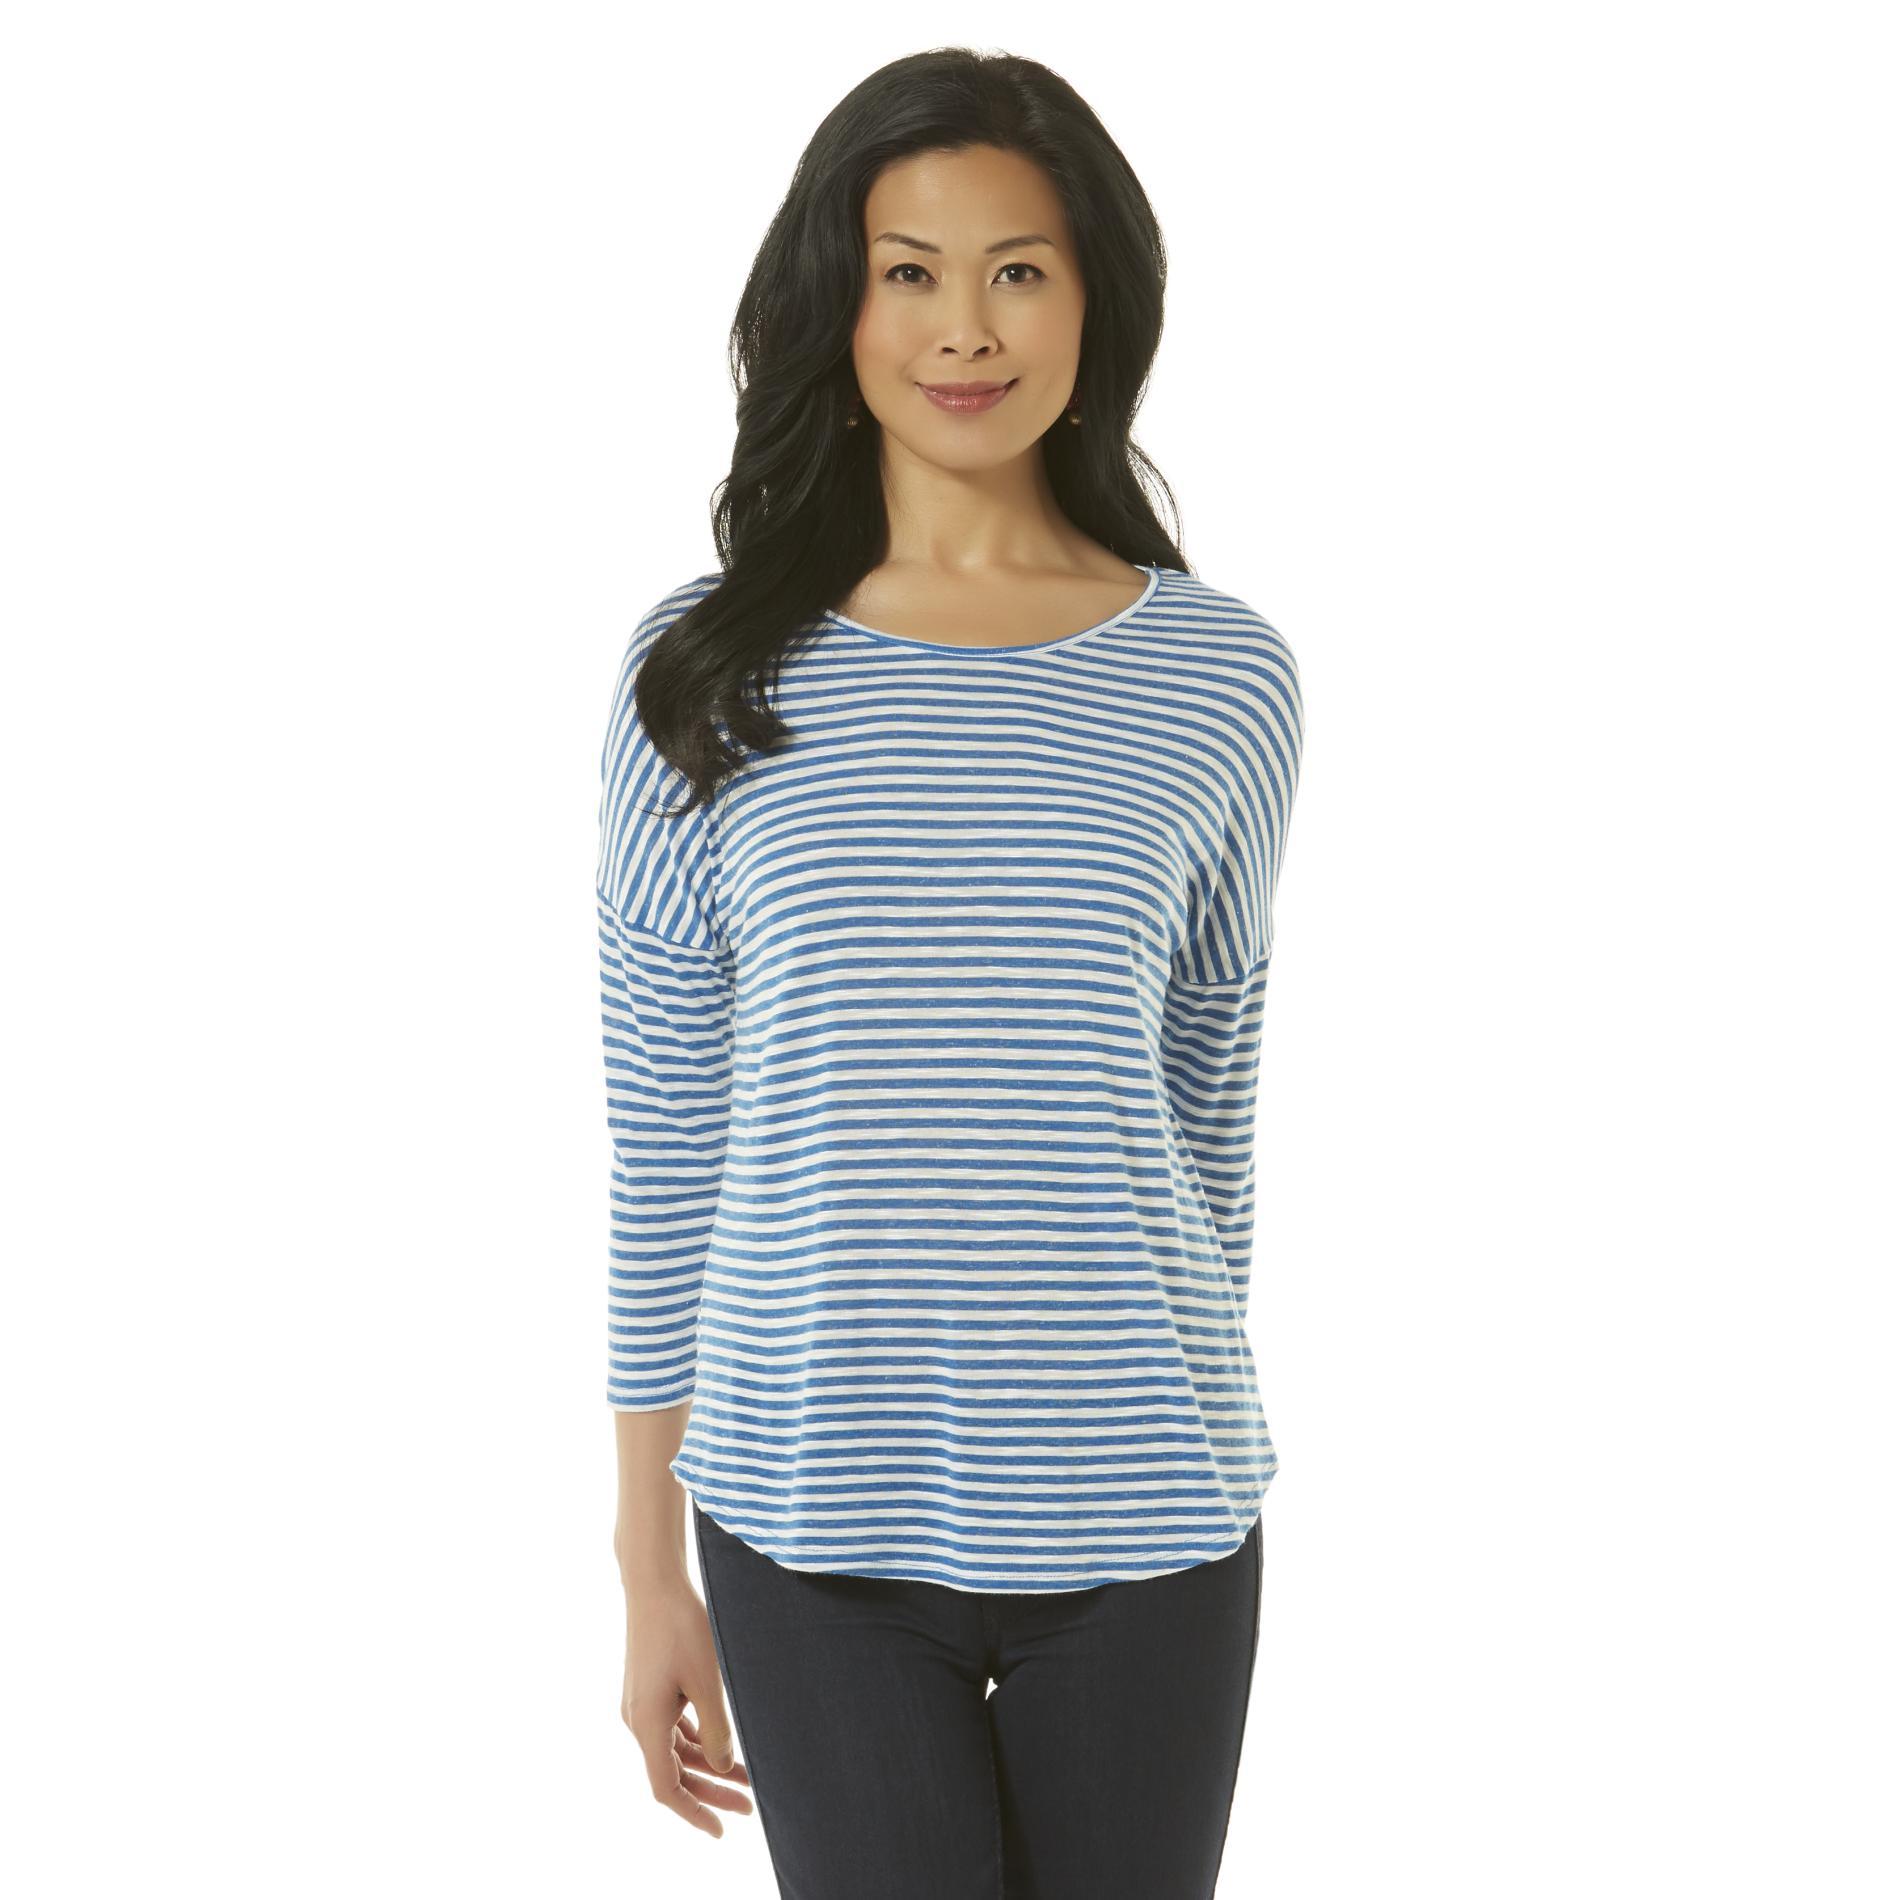 Women's Slub Knit Top - Striped